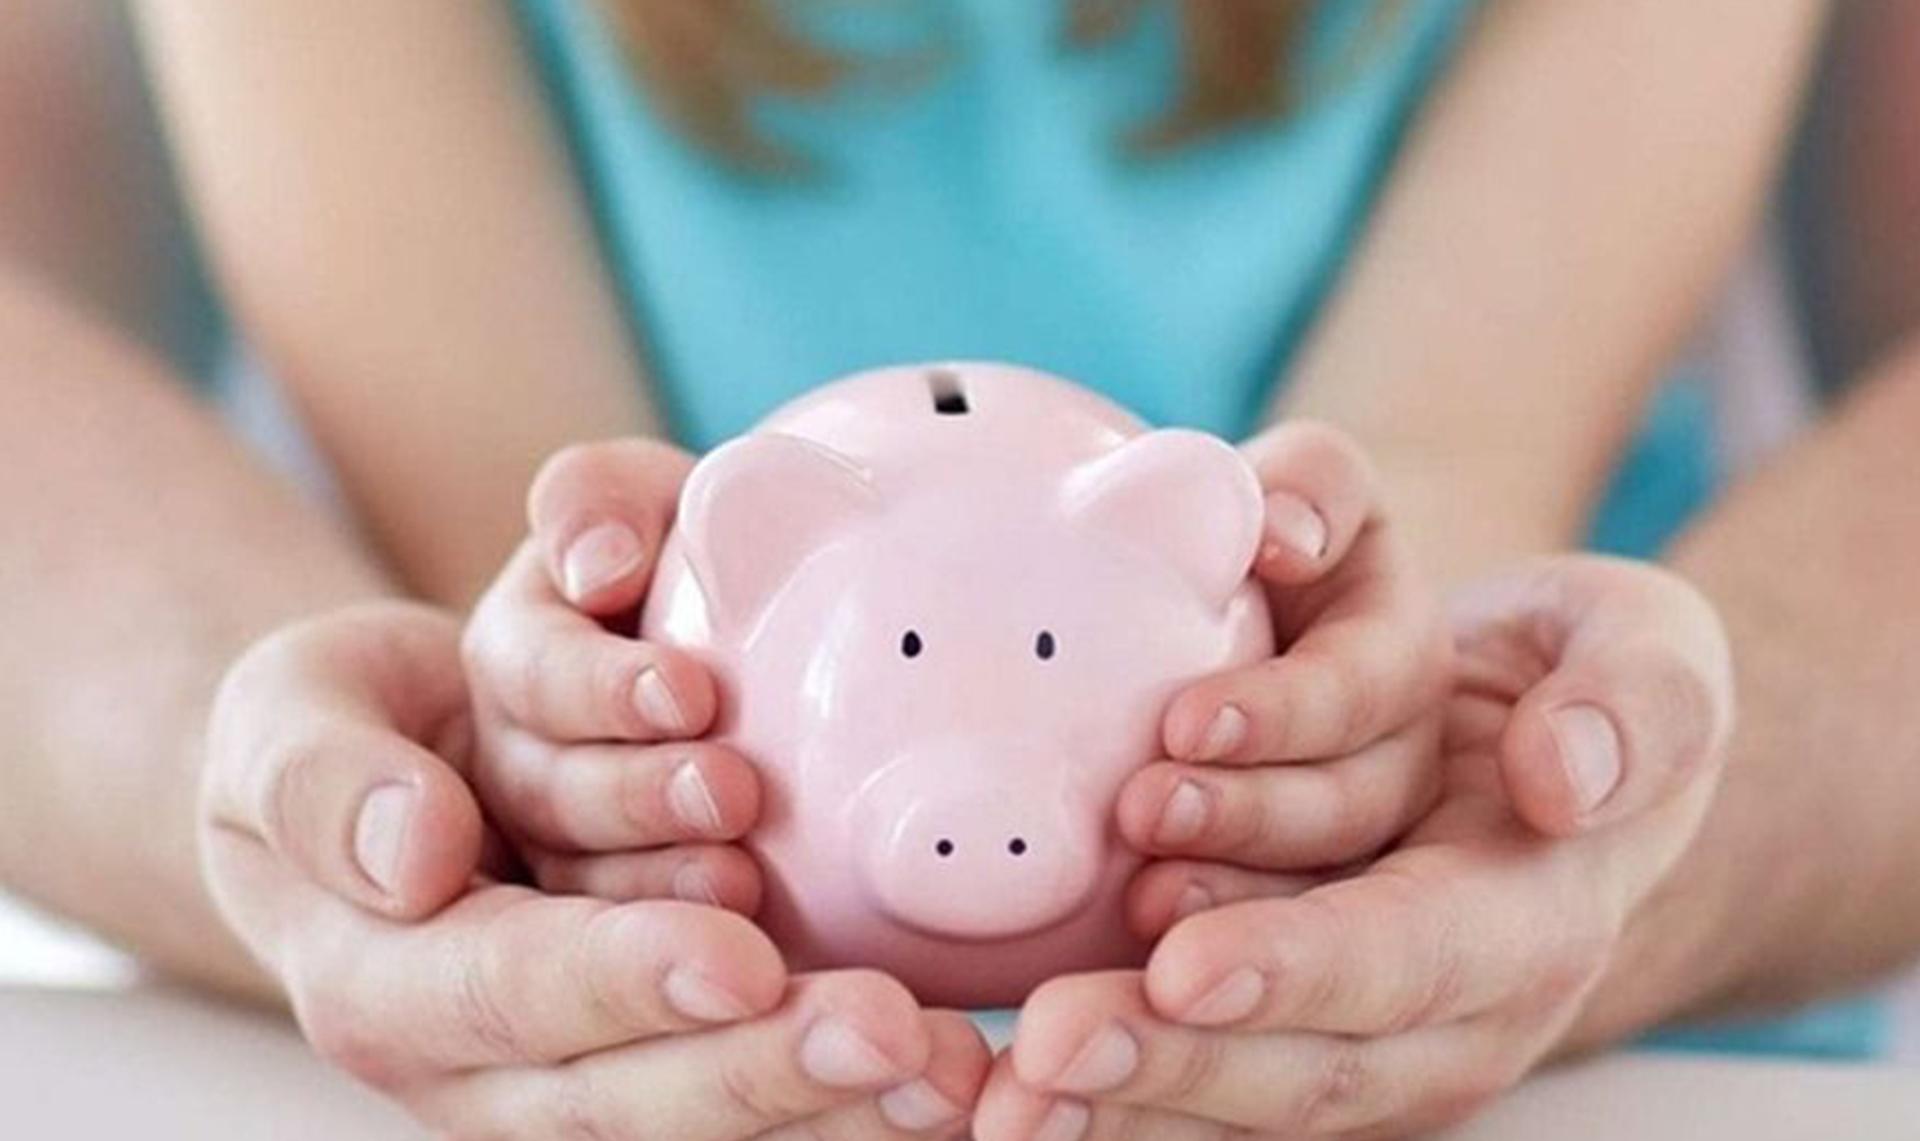 У тверских семей осталось меньше месяца, чтобы оформить выплаты на детей до 16 лет